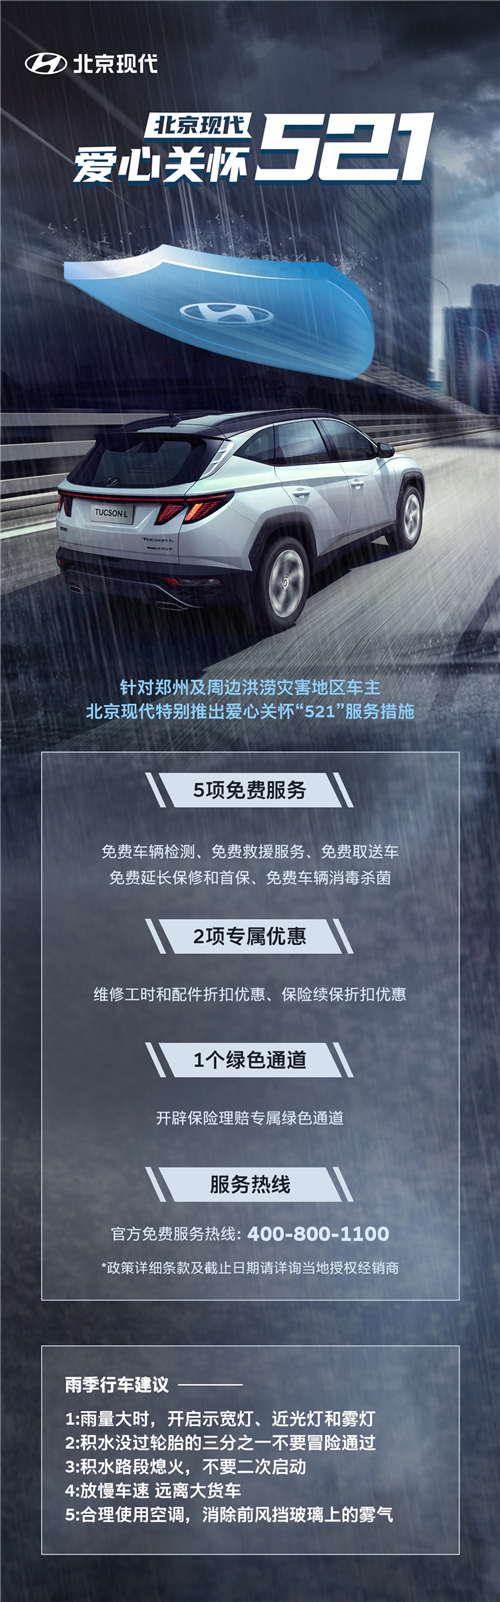 """心系郑州,风雨同行!北京现代爱心关怀""""521""""服务措施启动"""